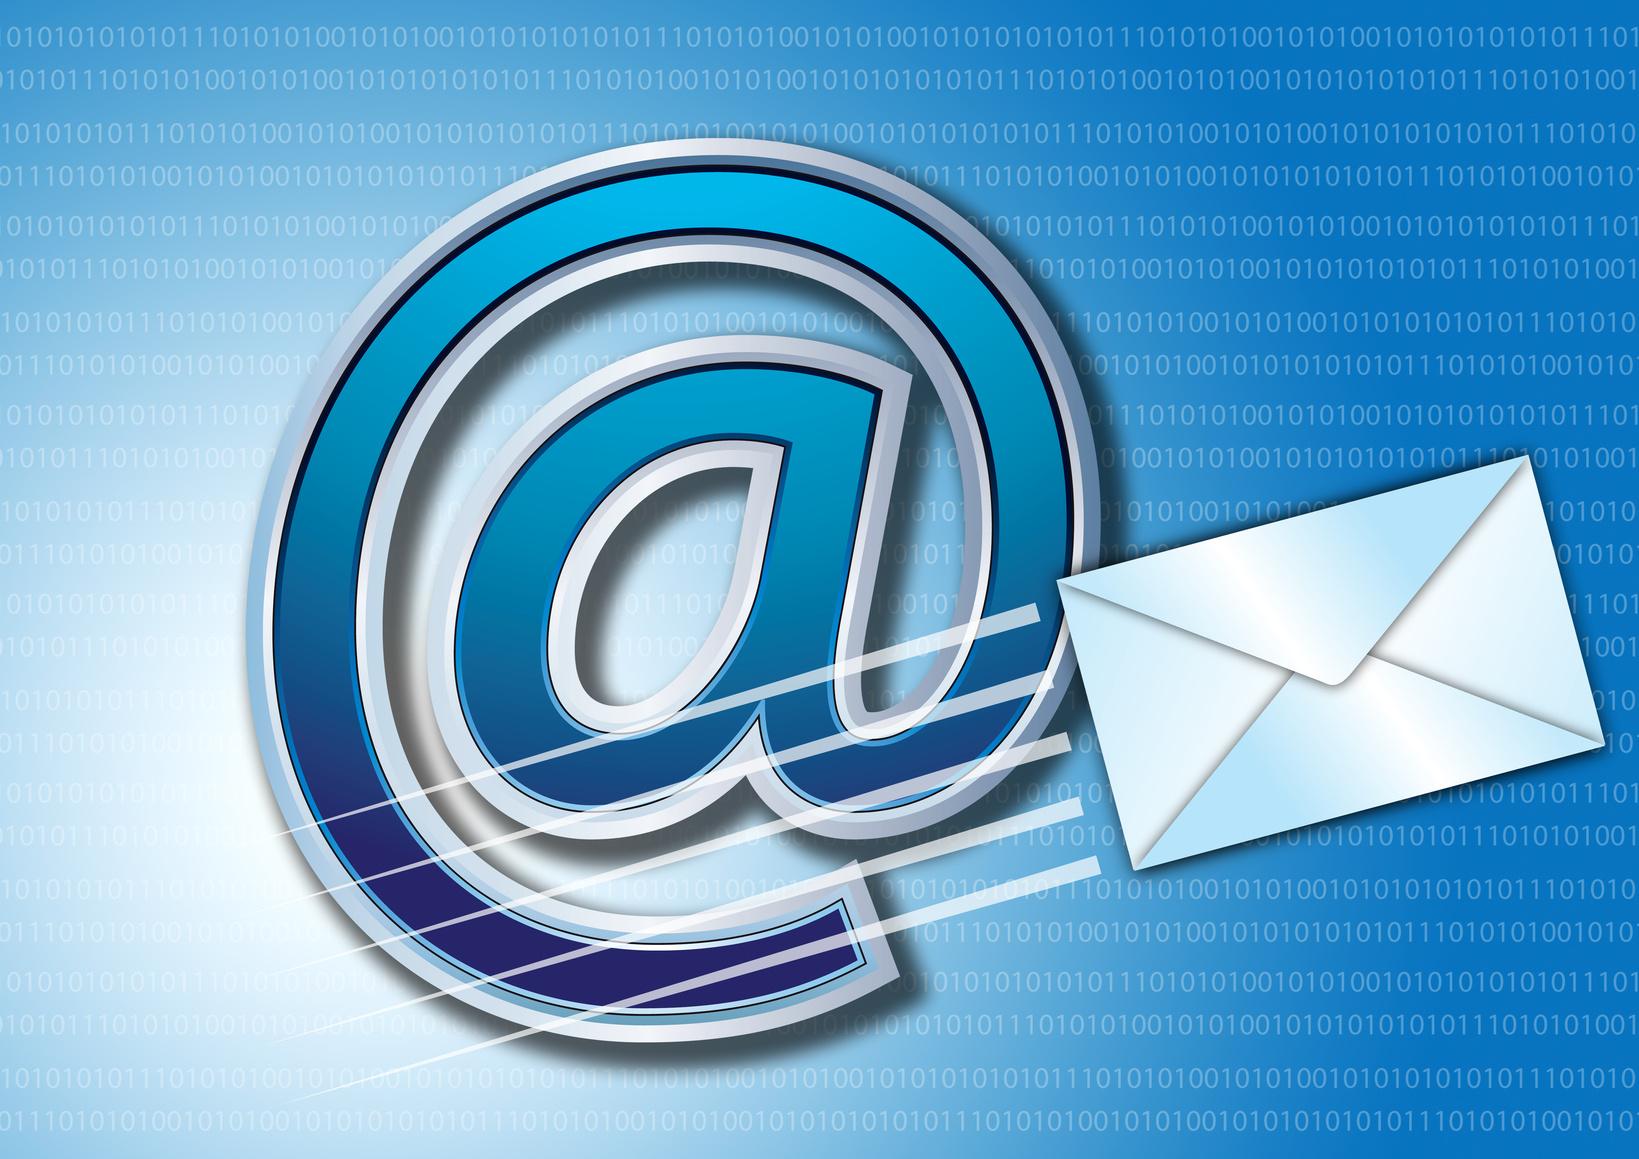 El exceso de emails se ha convertido en una pesadilla